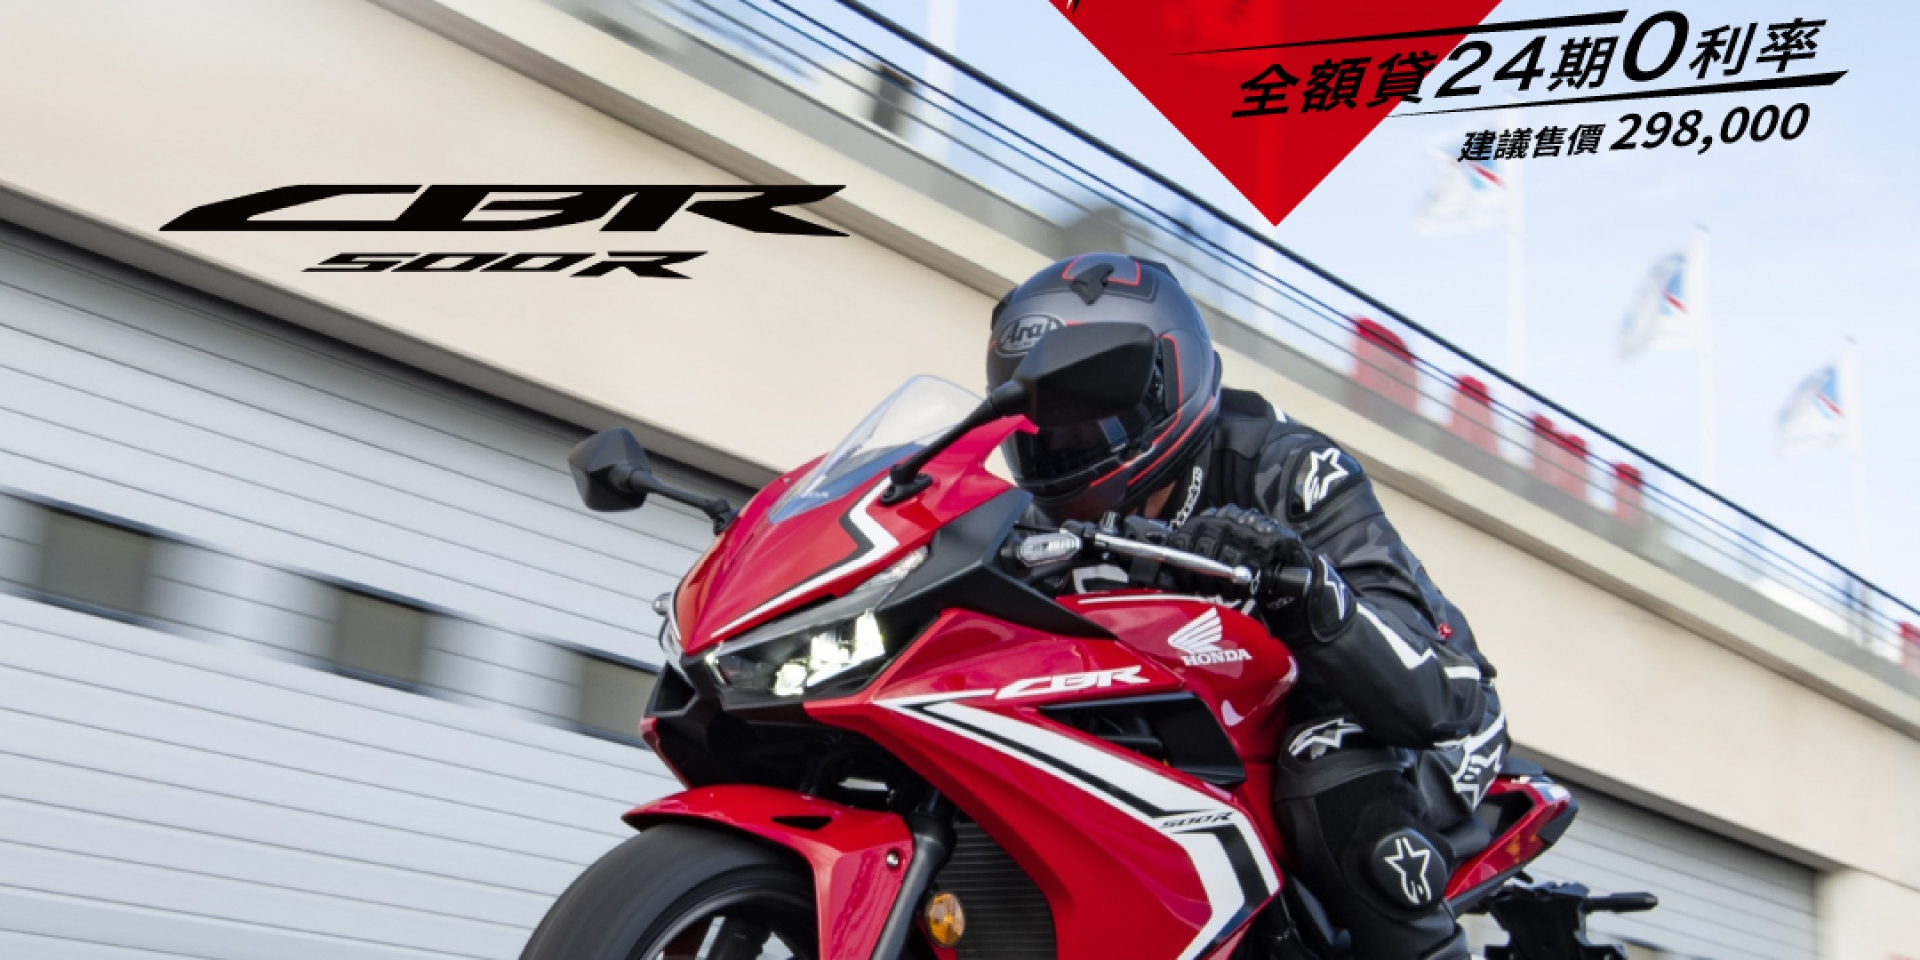 官方新聞稿。Honda 2021 CBR500R 全速奔馳零極限,24期零頭款零利率,即刻體驗動感跑格!